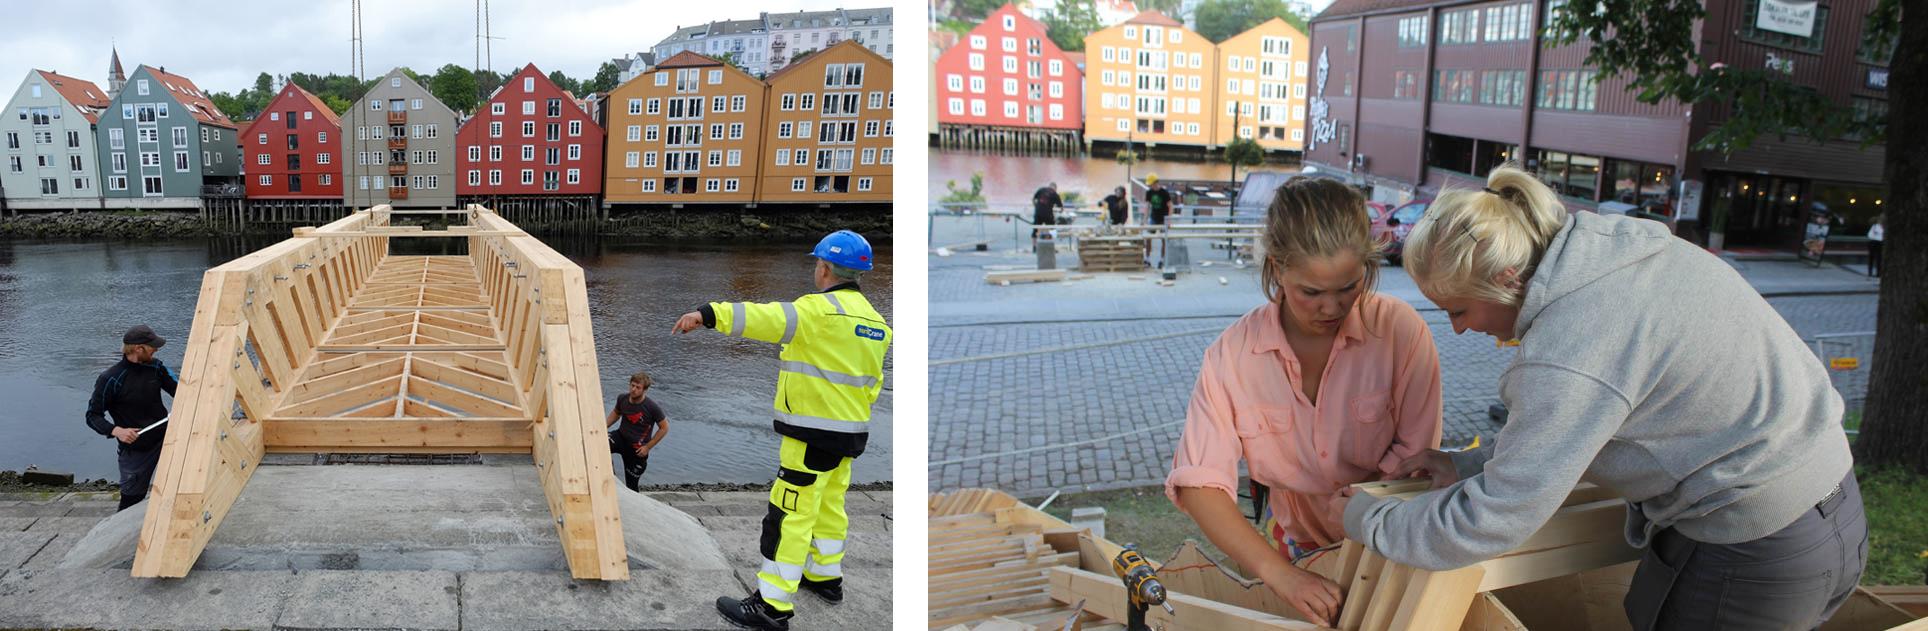 Når studenter med lyst og lekenhet også har seriøsitet og utholdenhet får vi så flotte prosjekter som beboere og turister nå får oppleve. Prosjektene har skapt nysgjerrighet og inspirert alle som har opplevd dem, både unge og gamle. Foto: Carl-Erik Eriksson (bilde til venstre) og Kristin Solhaug Næss.